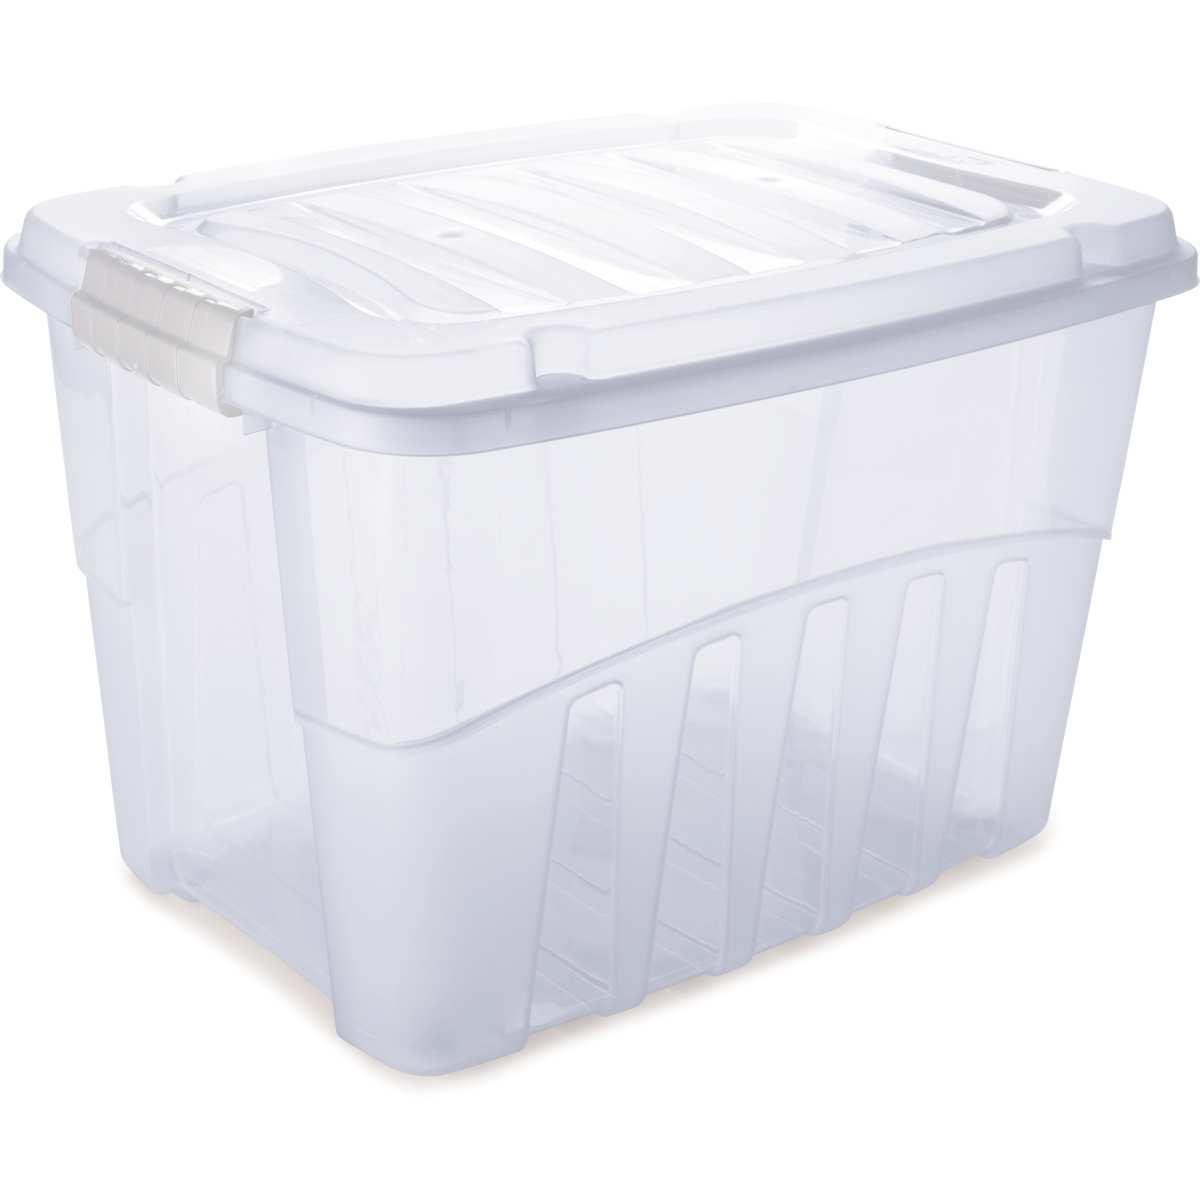 CAIXA PLASTICA MULTIUSO GRAND BOX ALTA INCOLOR 56L